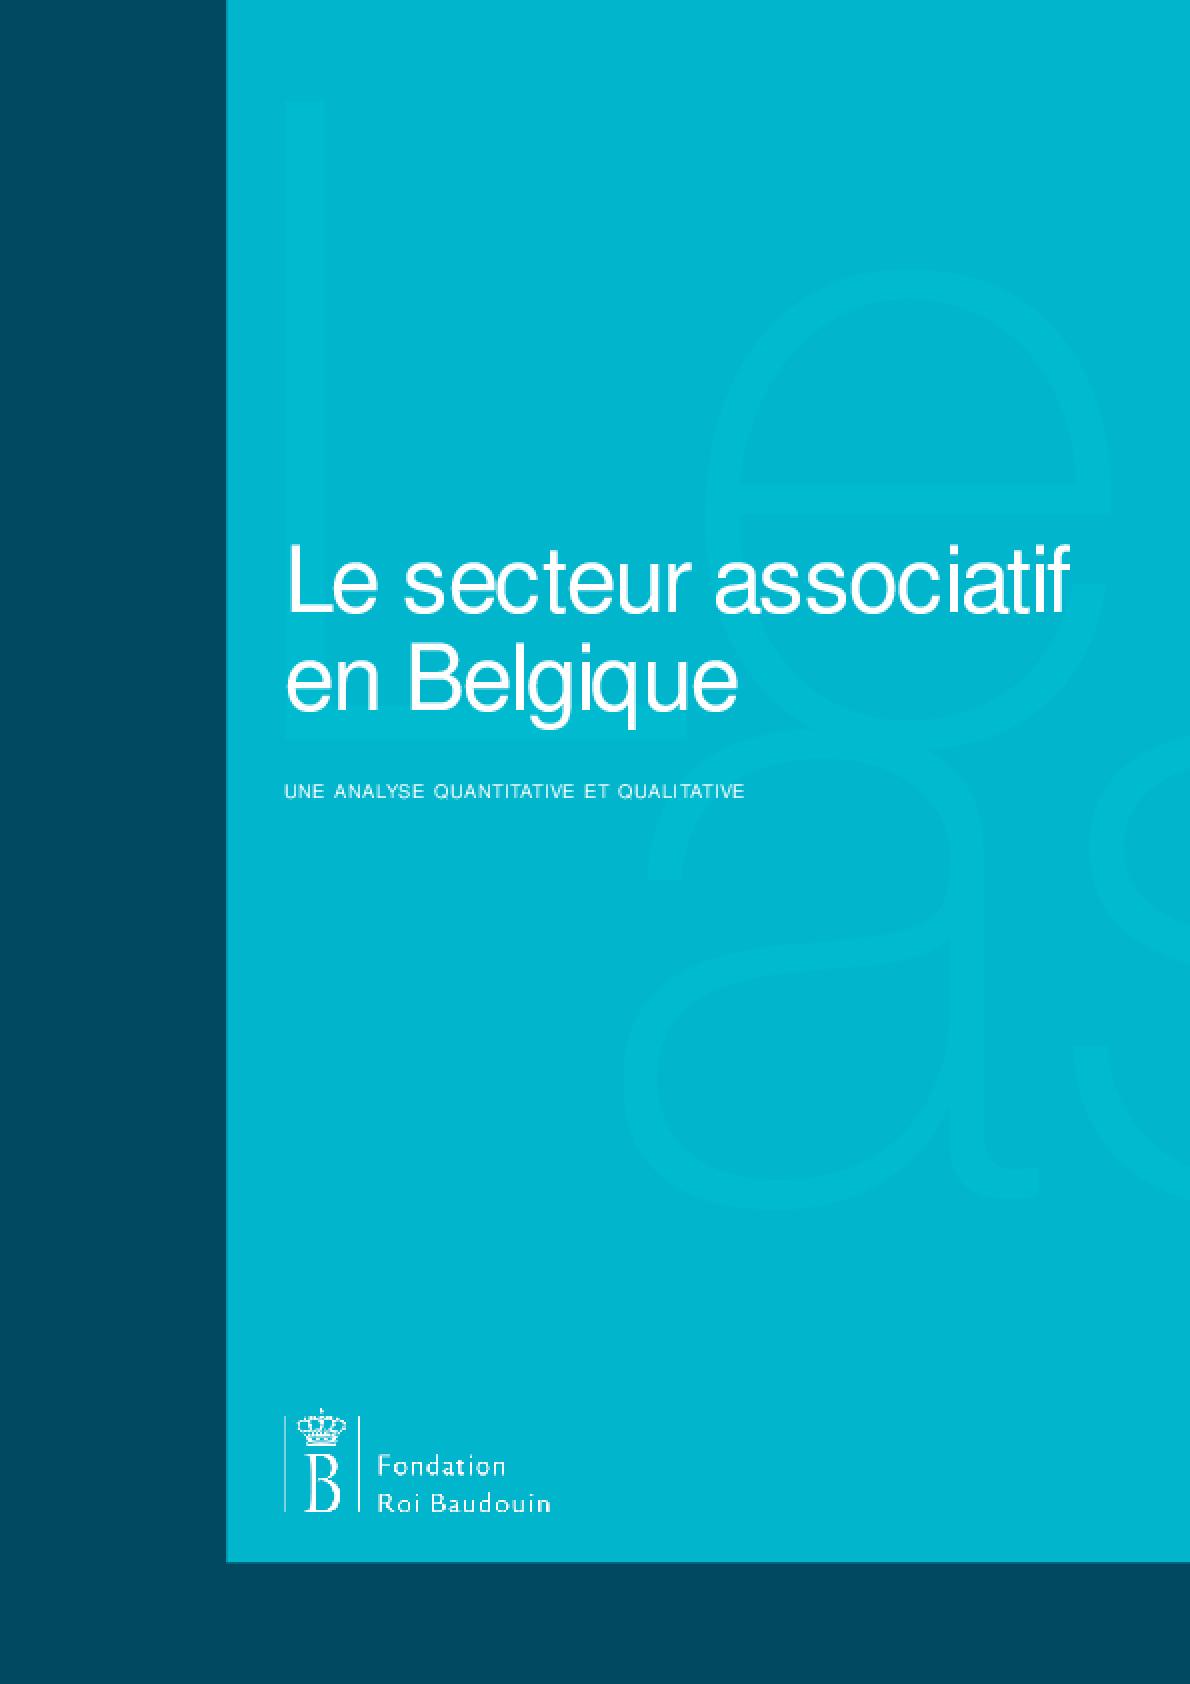 Le Secteur Associatif en Belgique: Une Analyse Quantitative et Qualitative